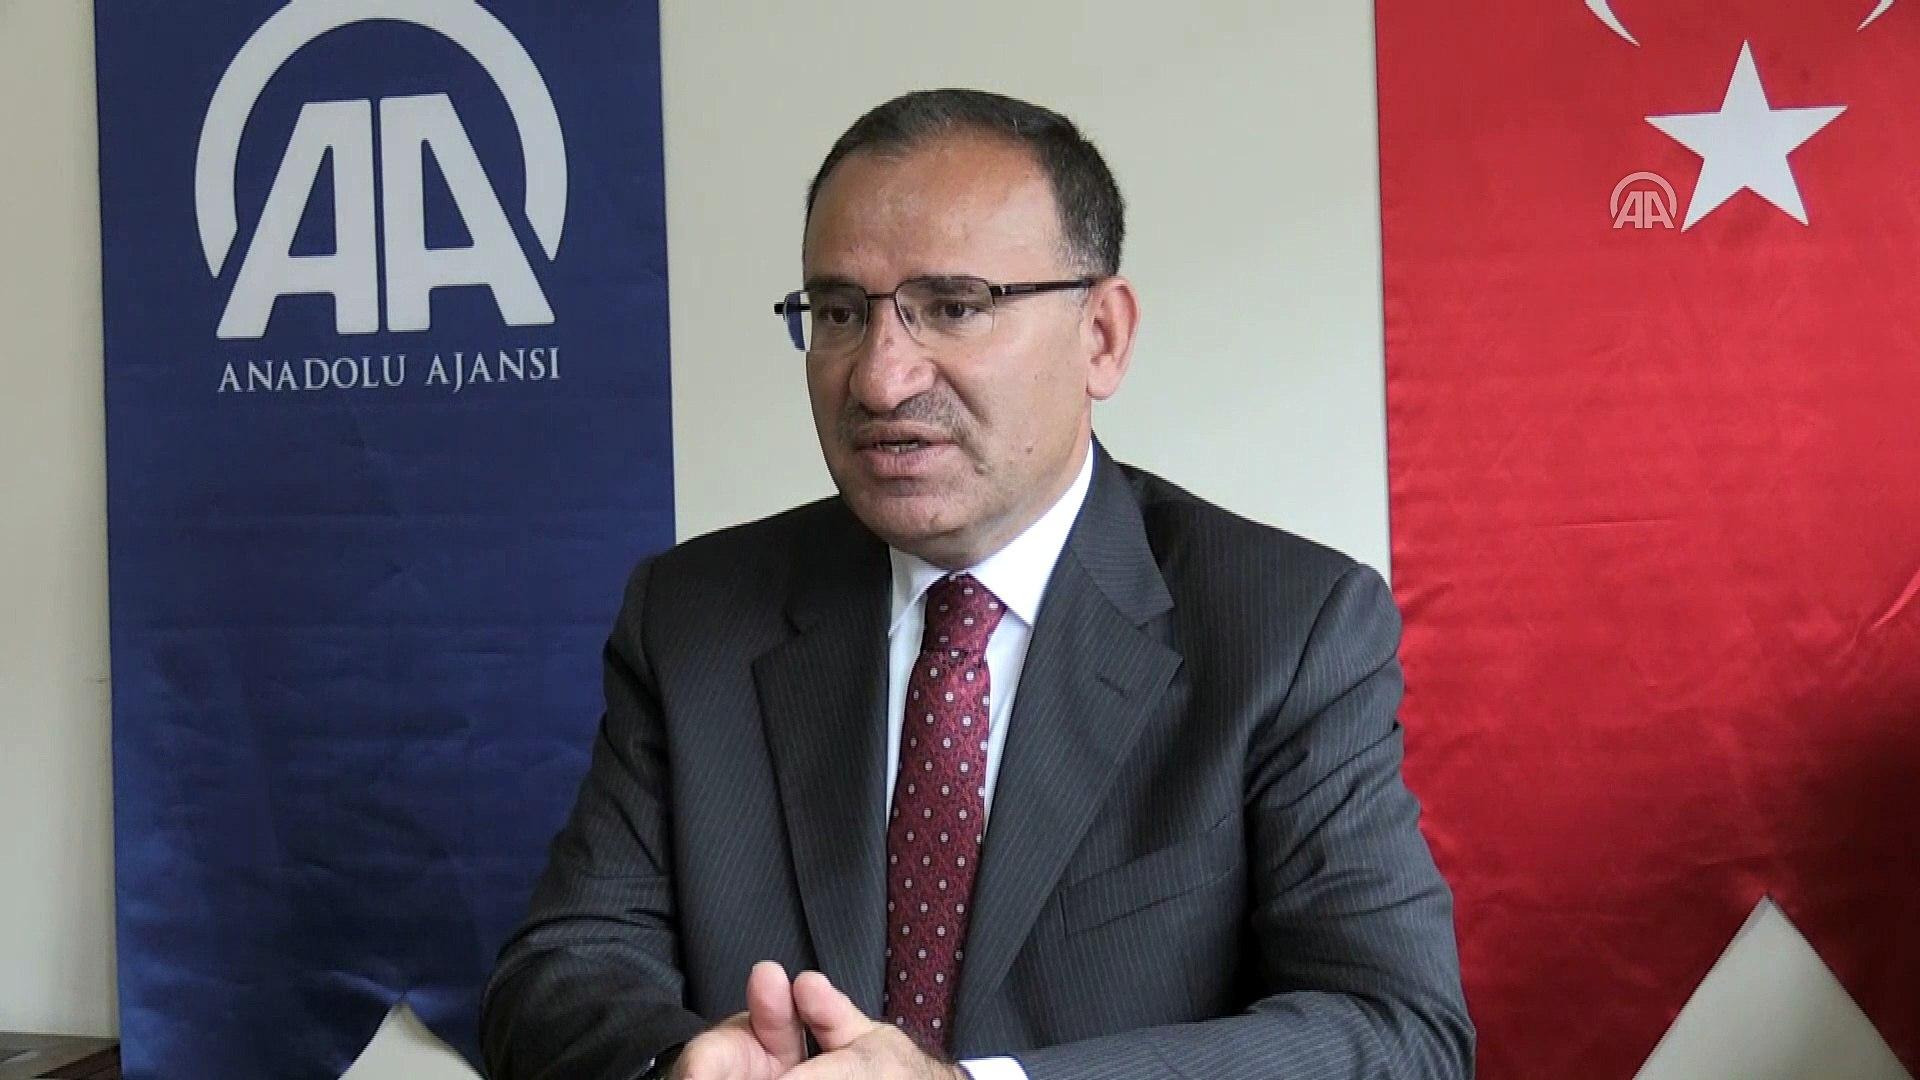 Bozdağ: 'Türk milleti başka ülkelerin adayını değil, kendi adayını seçecektir' - YOZGAT